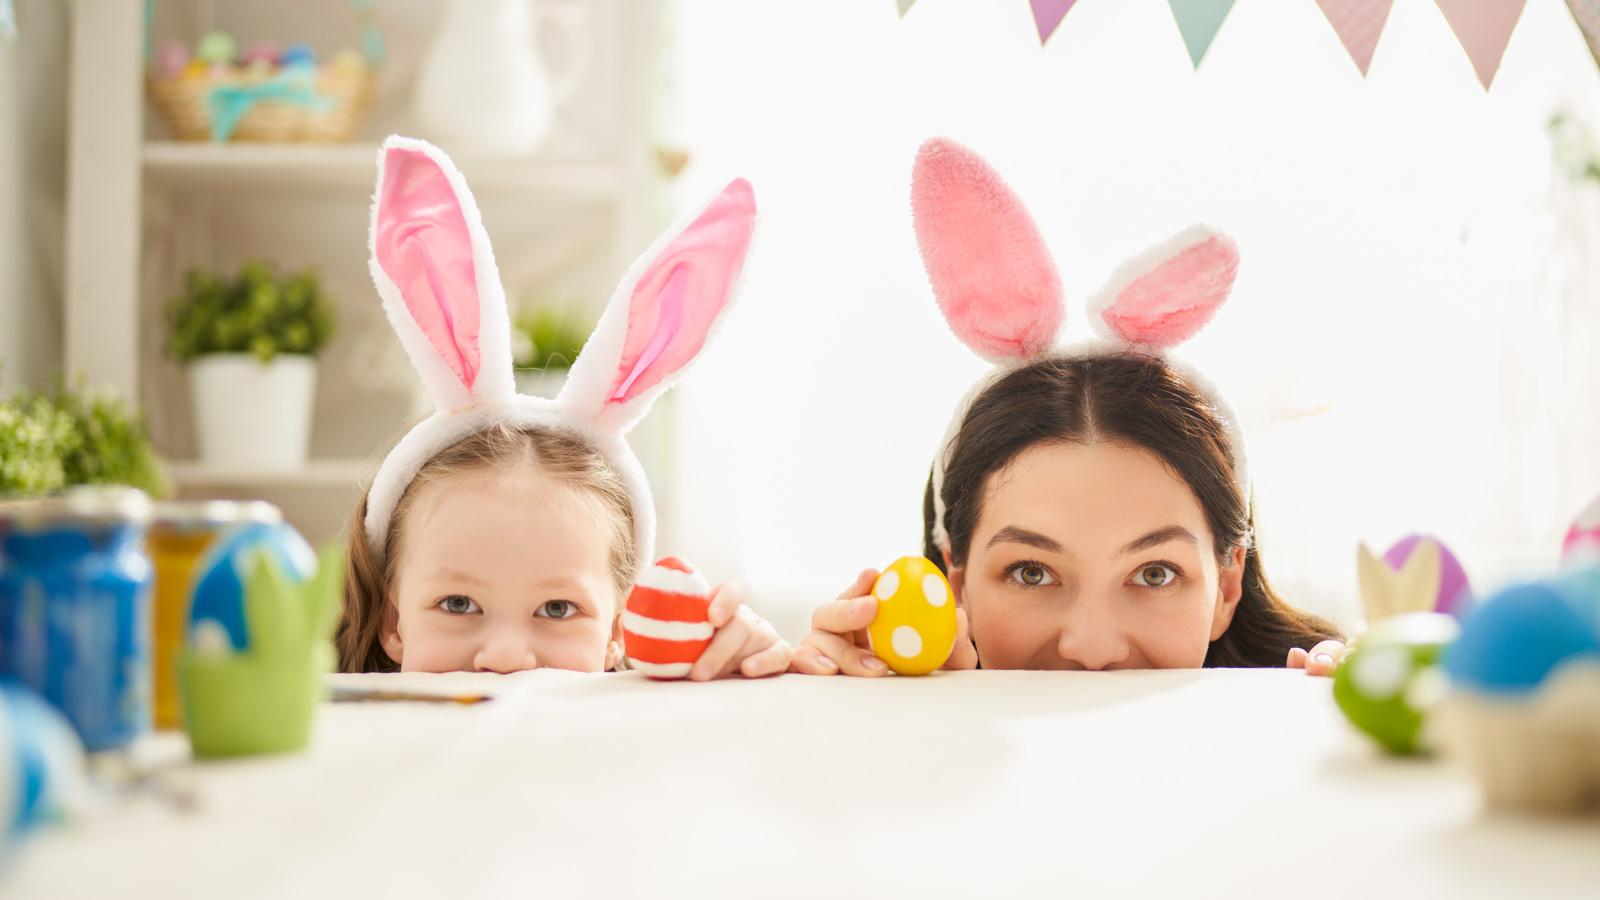 Jak obchodzimy Wielkanoc 2020? – BADANIE święta mediarun wielkanoc jajka rodzina 2020